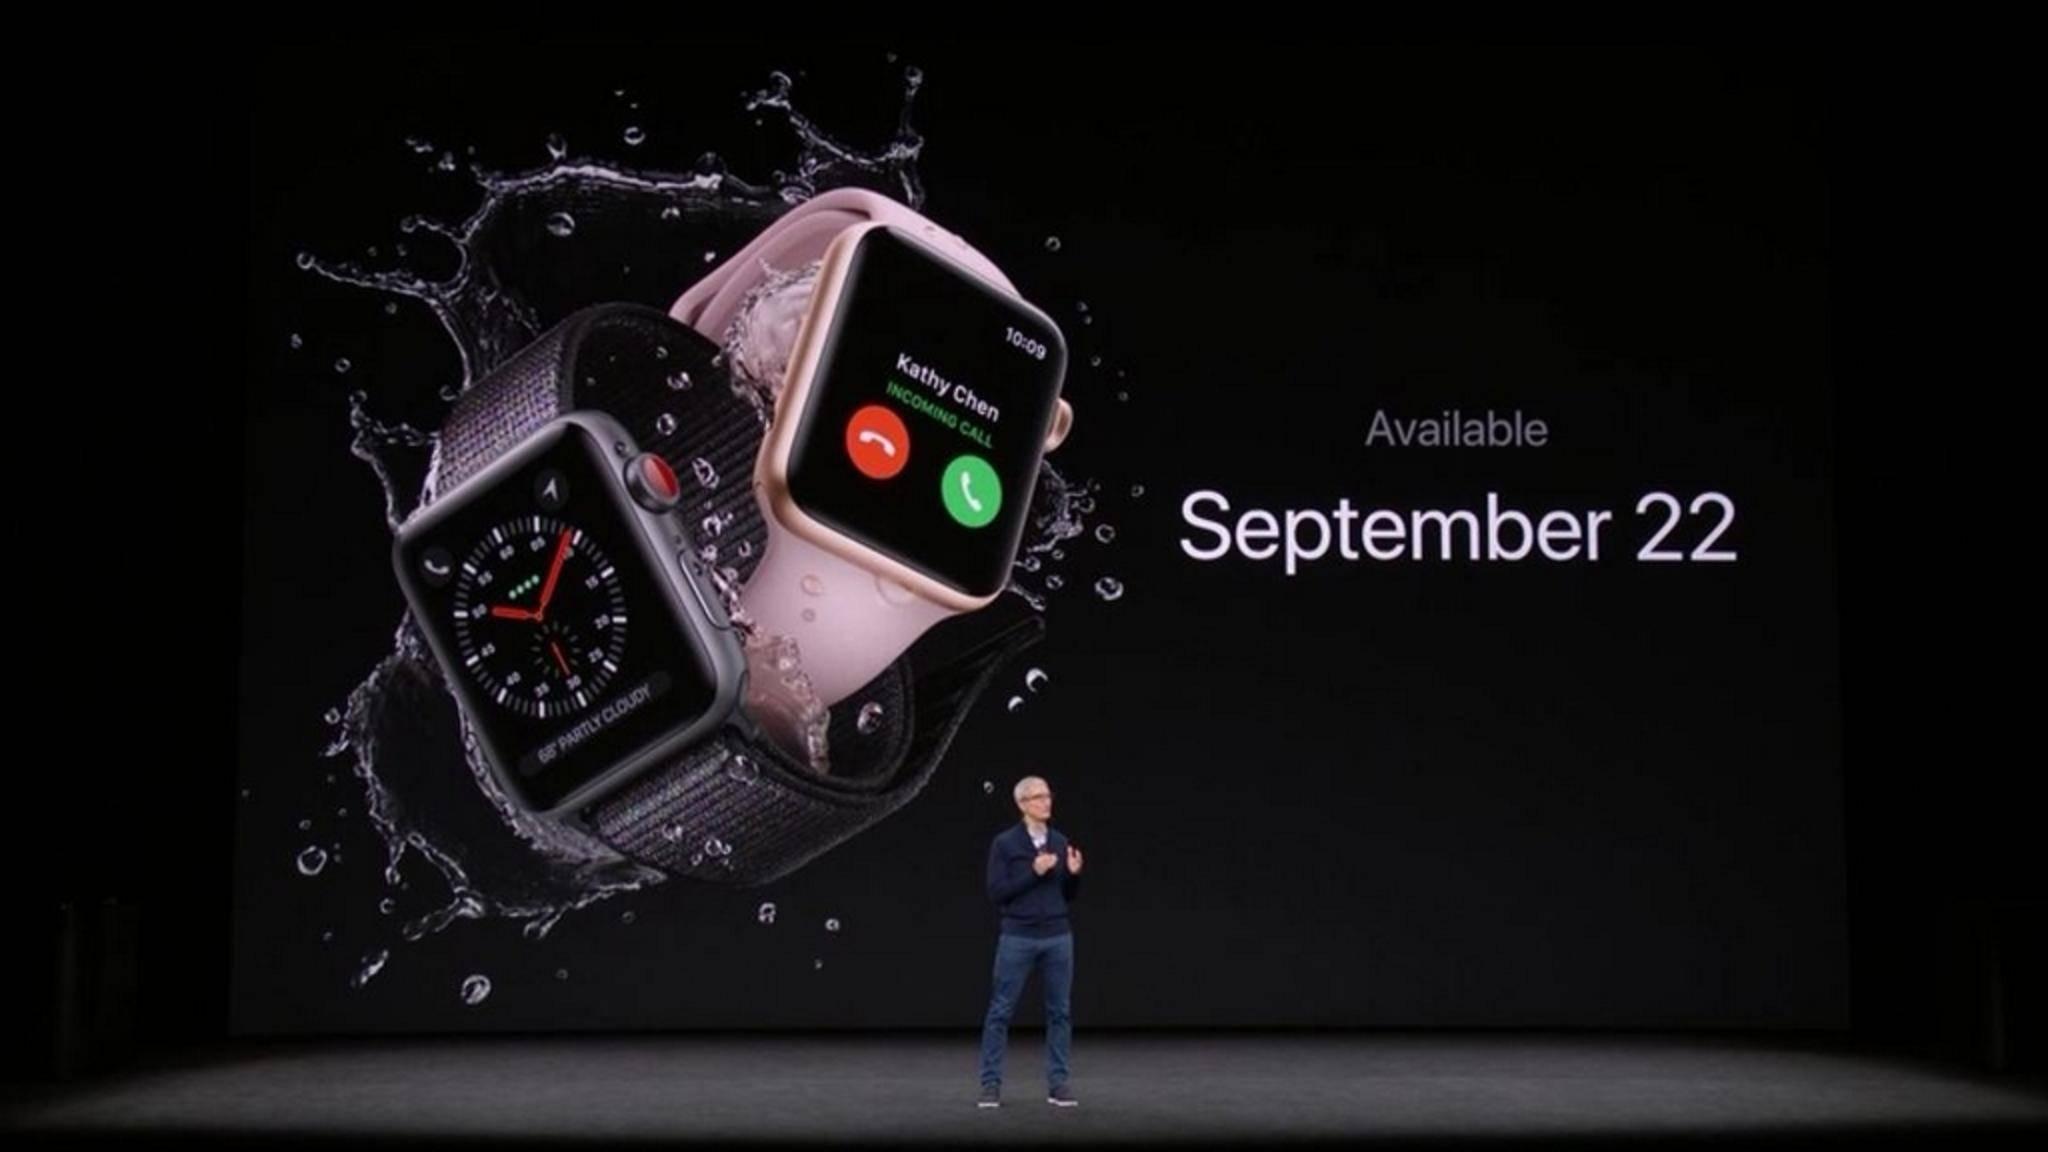 Der Verkauf startet am 22. September.